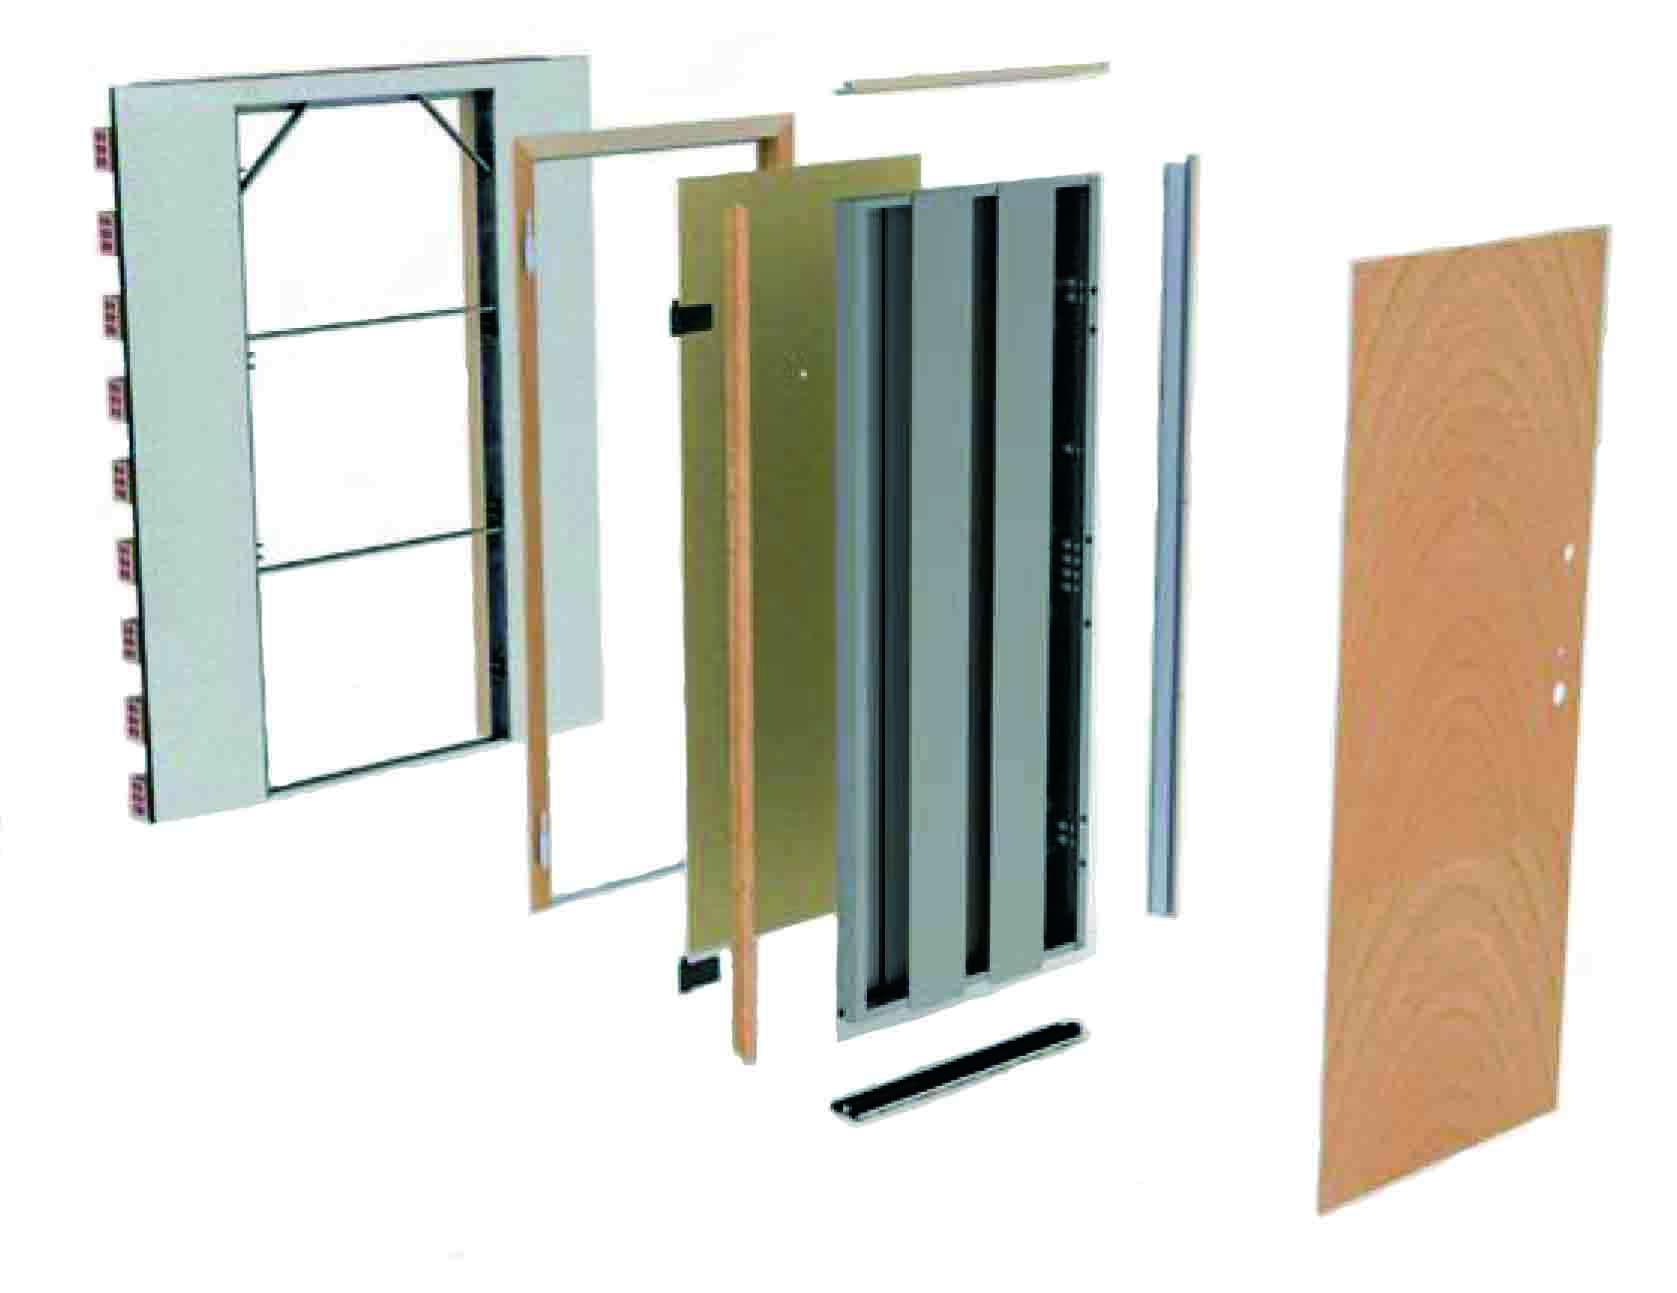 Puerta acorazadas espacios y proyectos for Puerta blindada casa